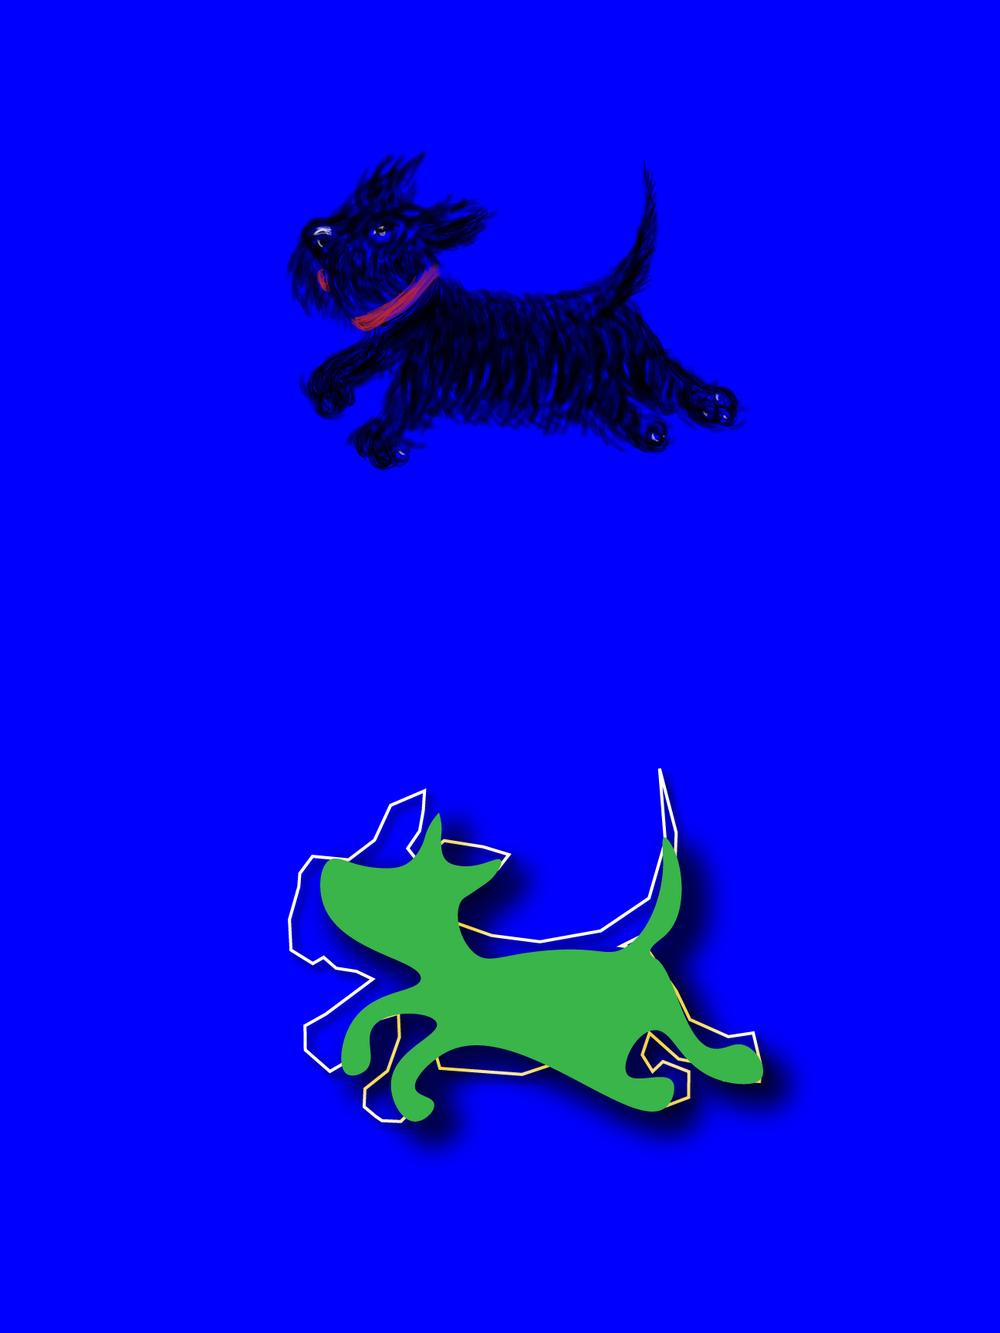 variation of a dog logo